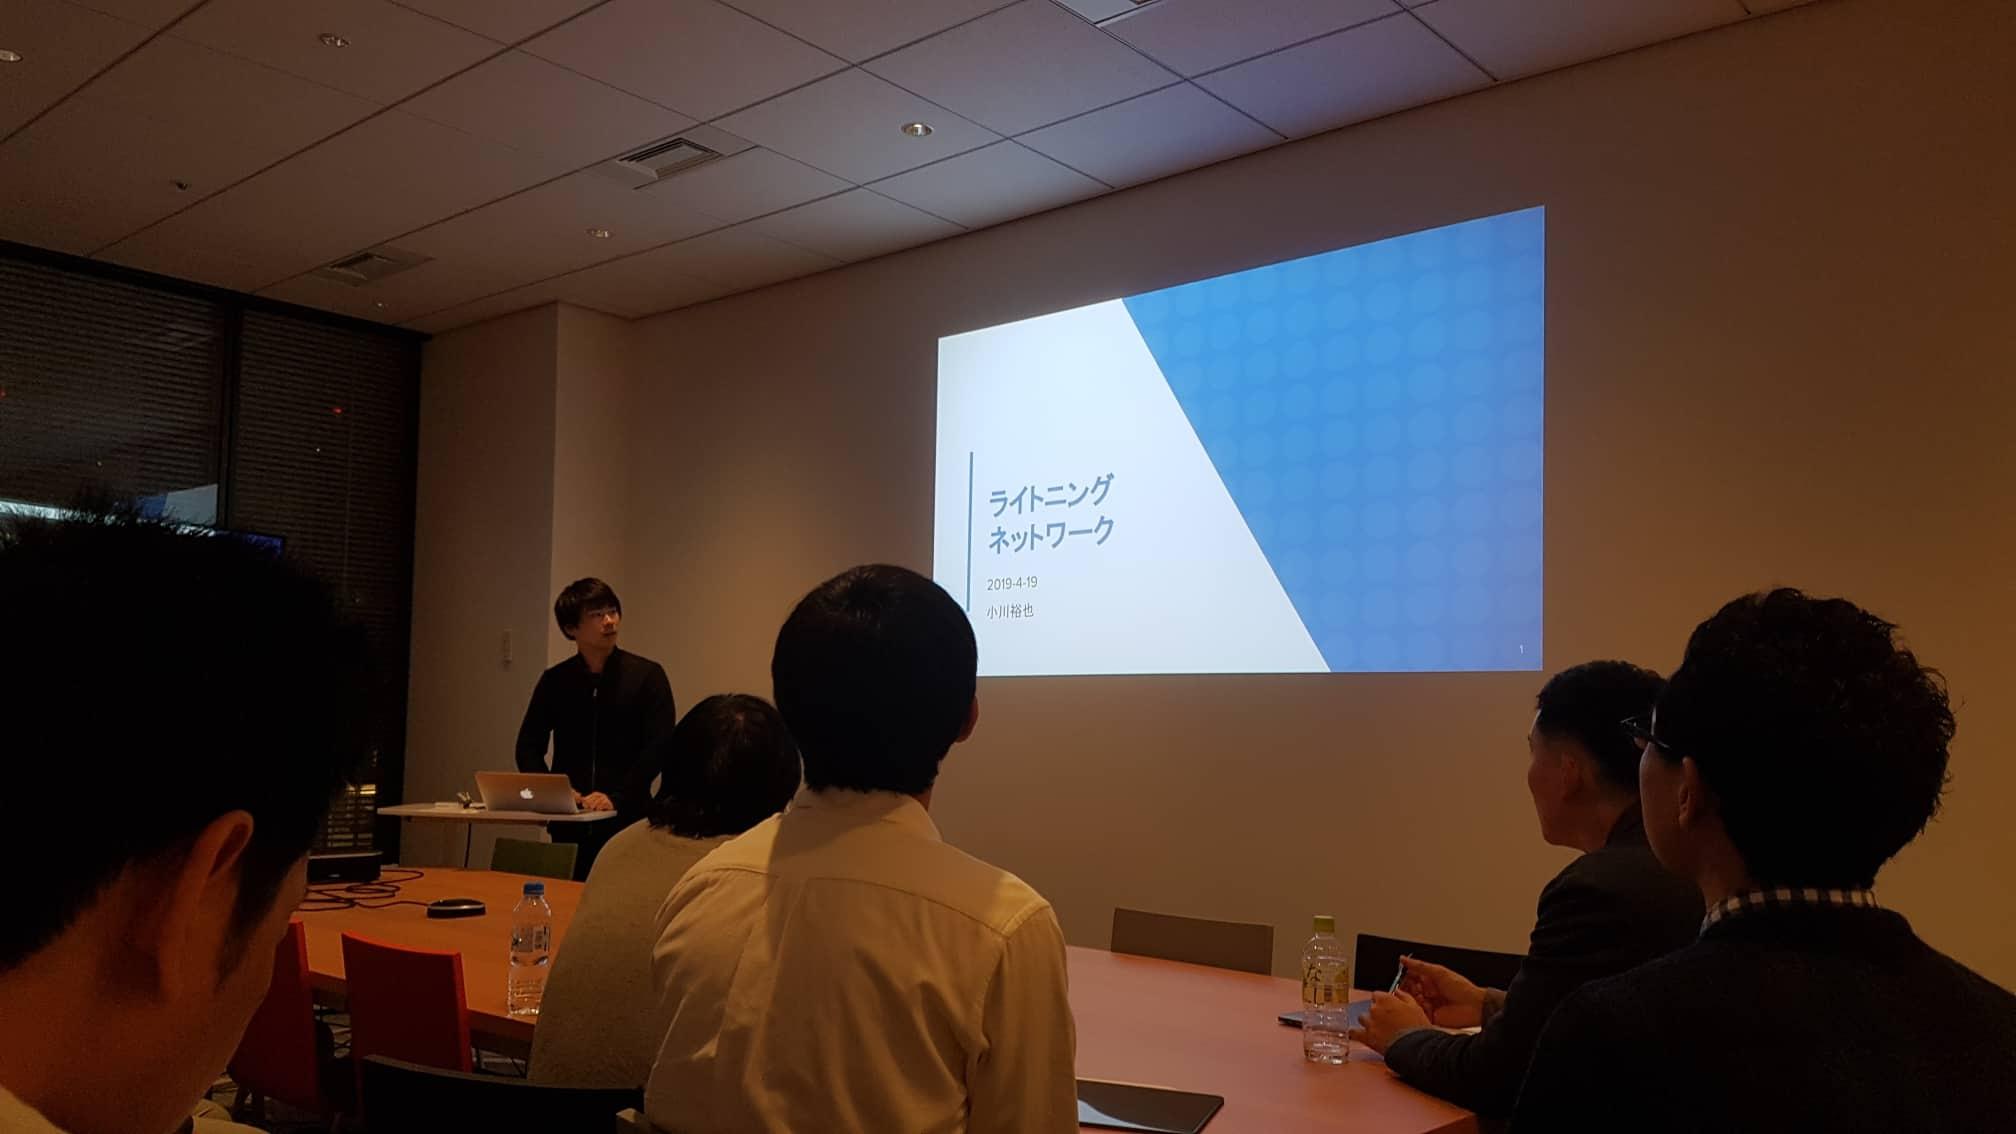 ブロックチェーンLT会@名古屋へ忍び込んだ結果